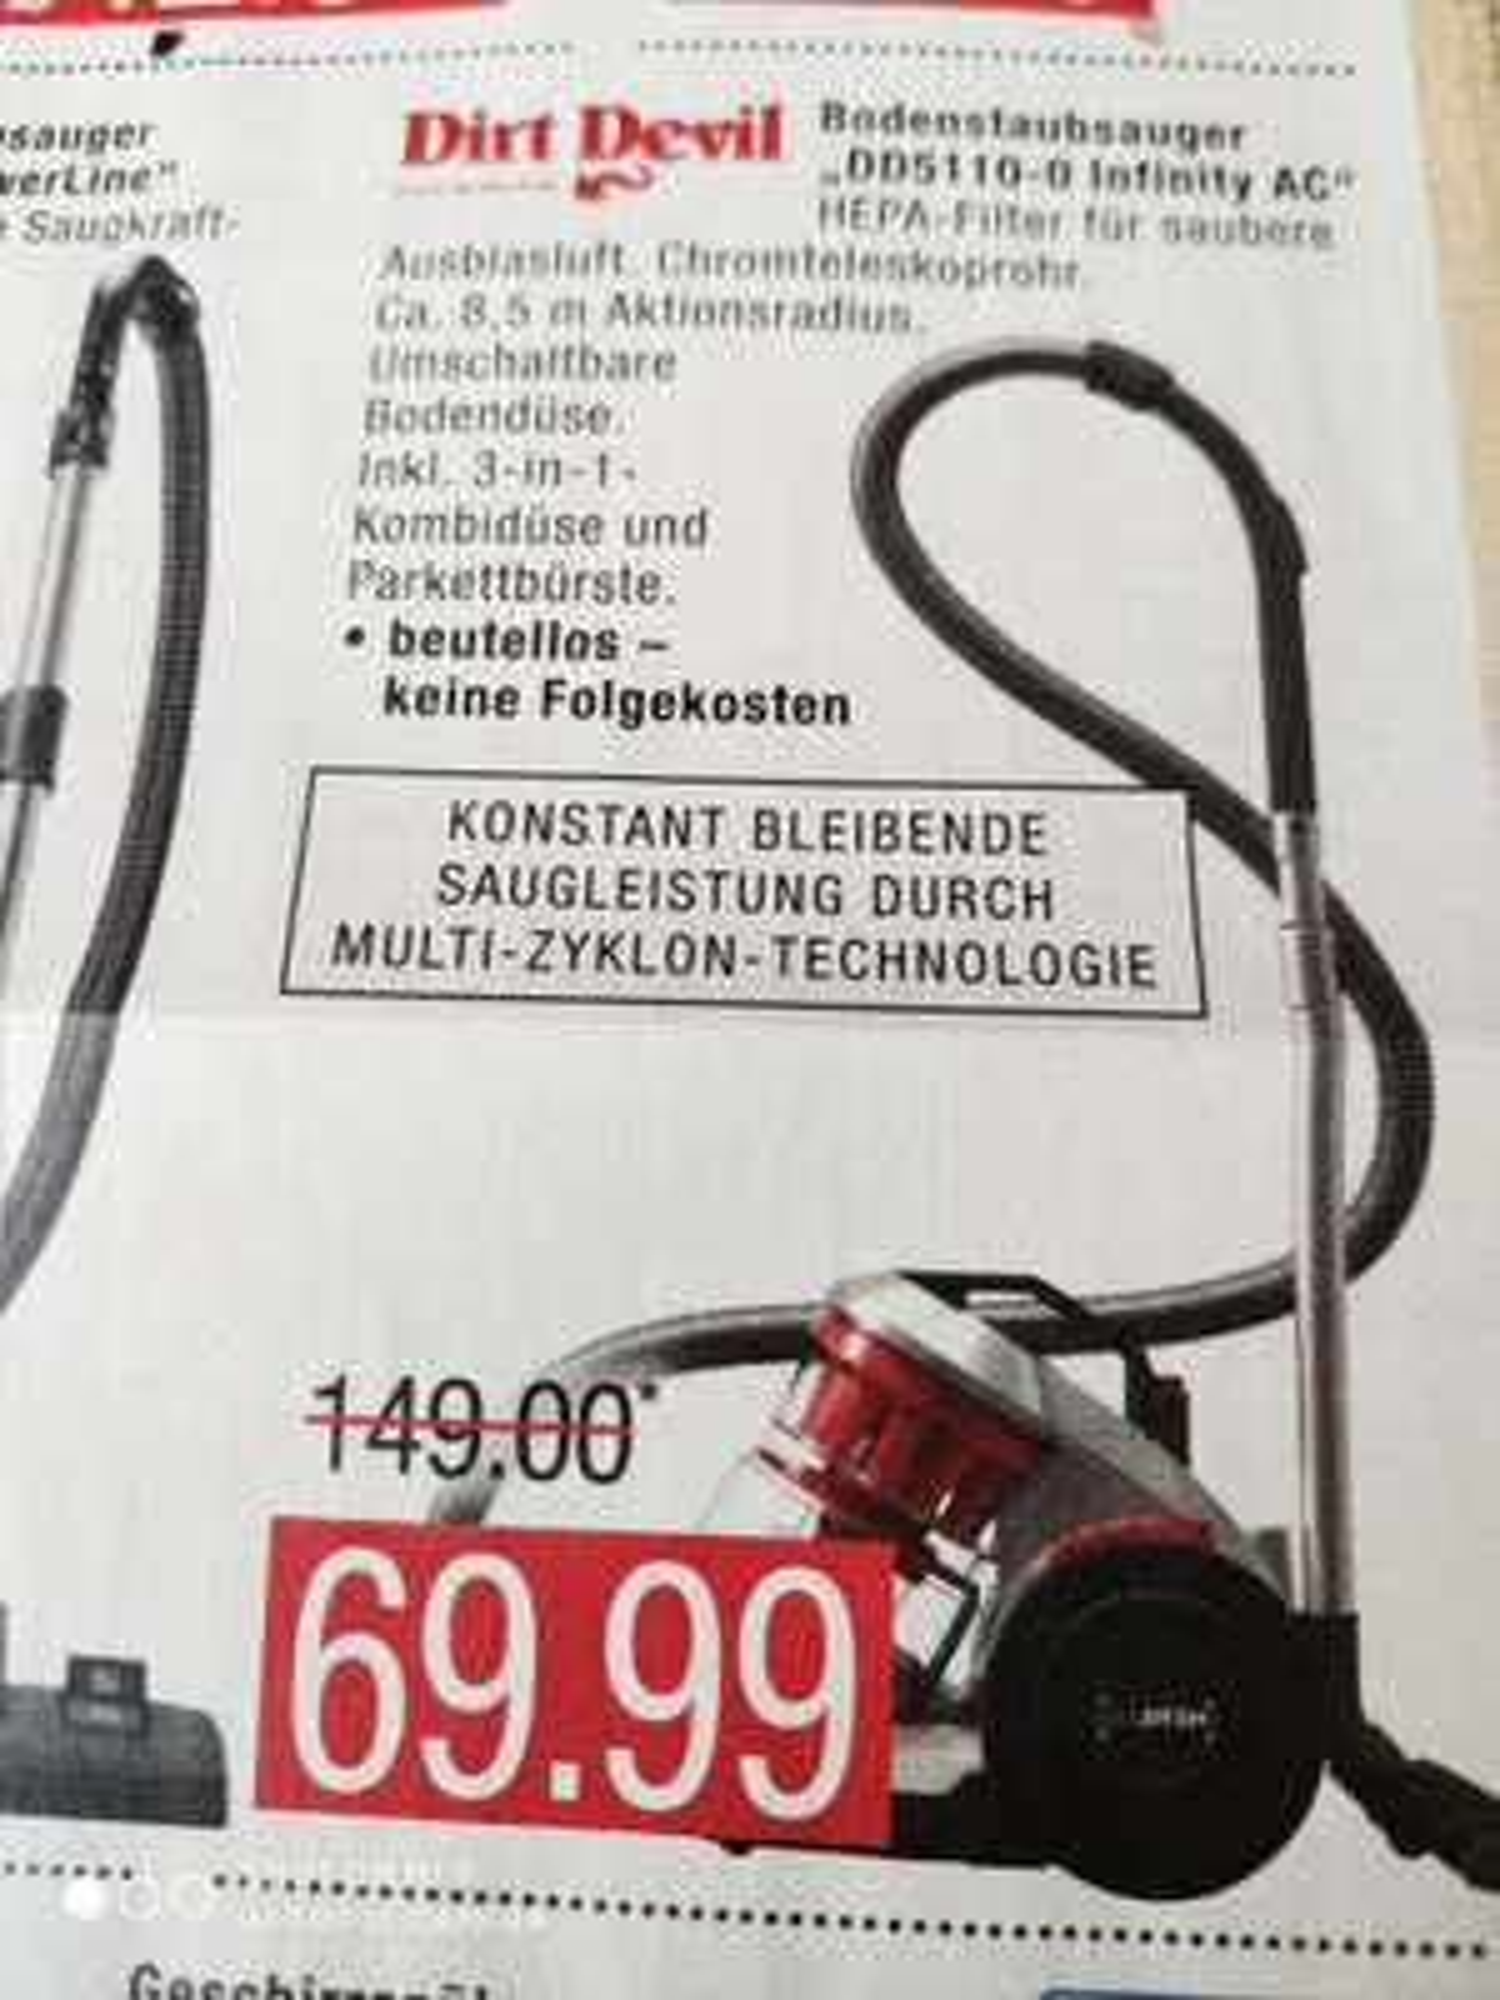 Dirt Devil Bodenstaubsauger DD5110-0 [Marktkauf]